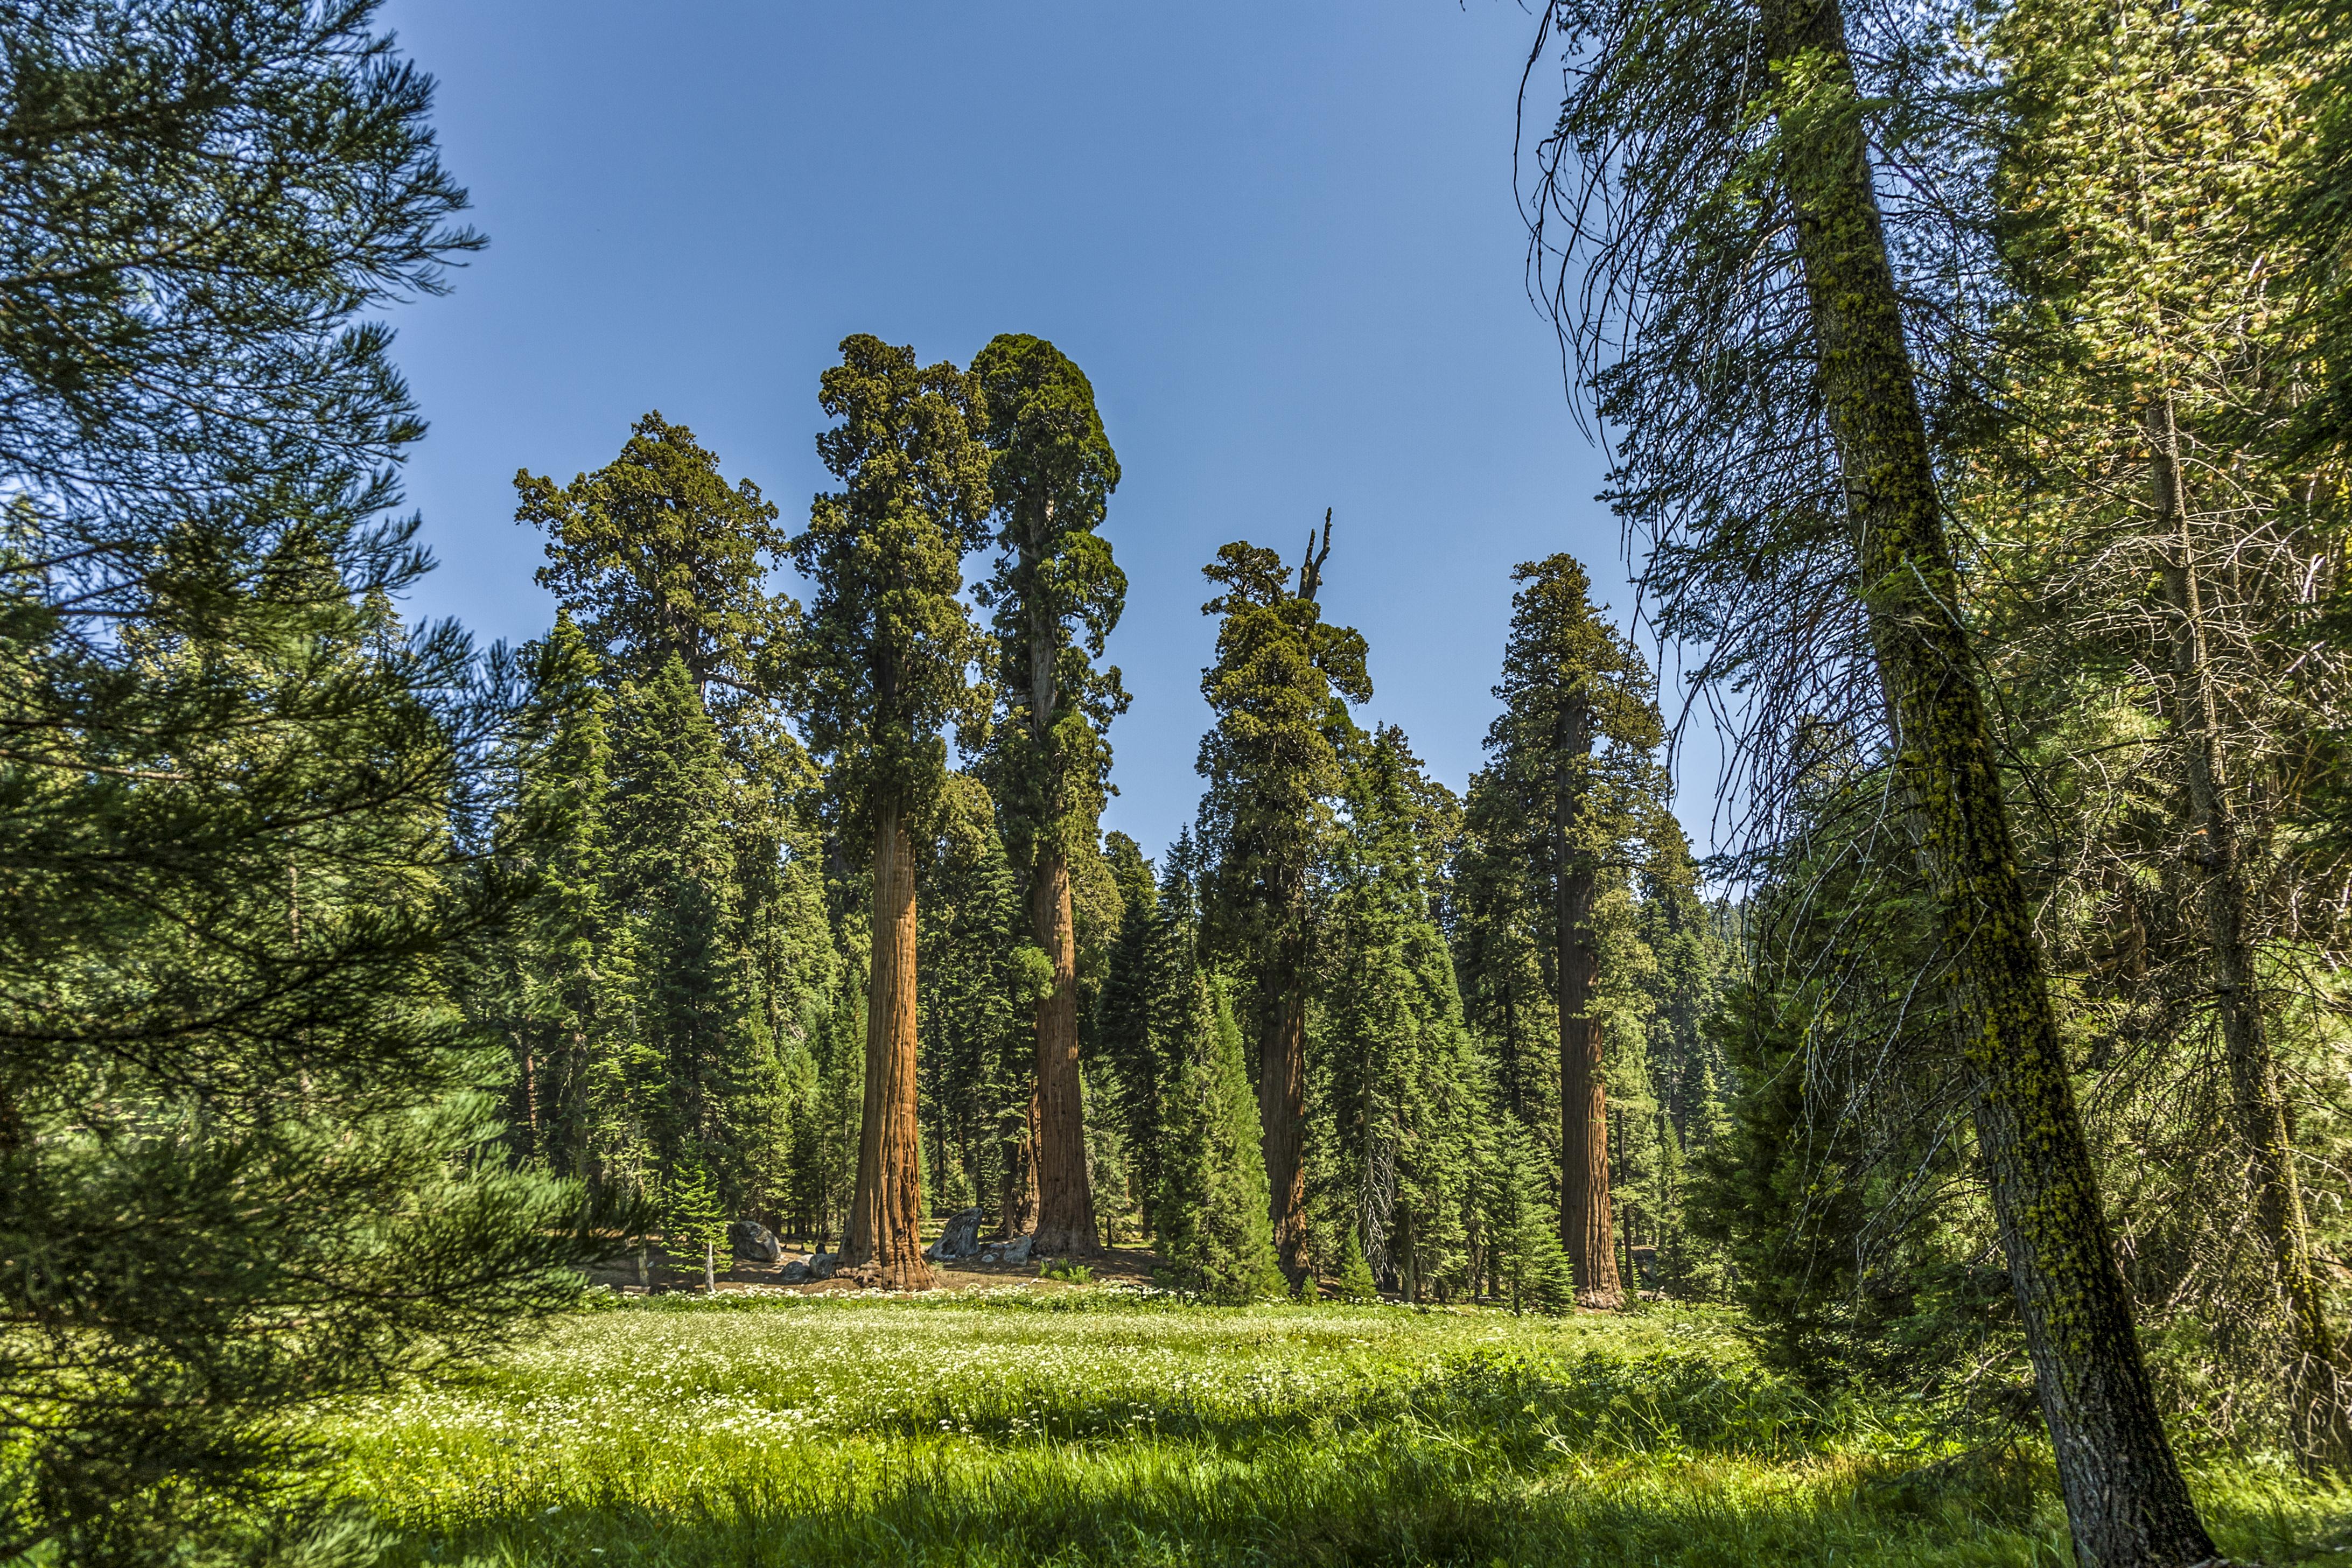 Giant Redwood Sequoia